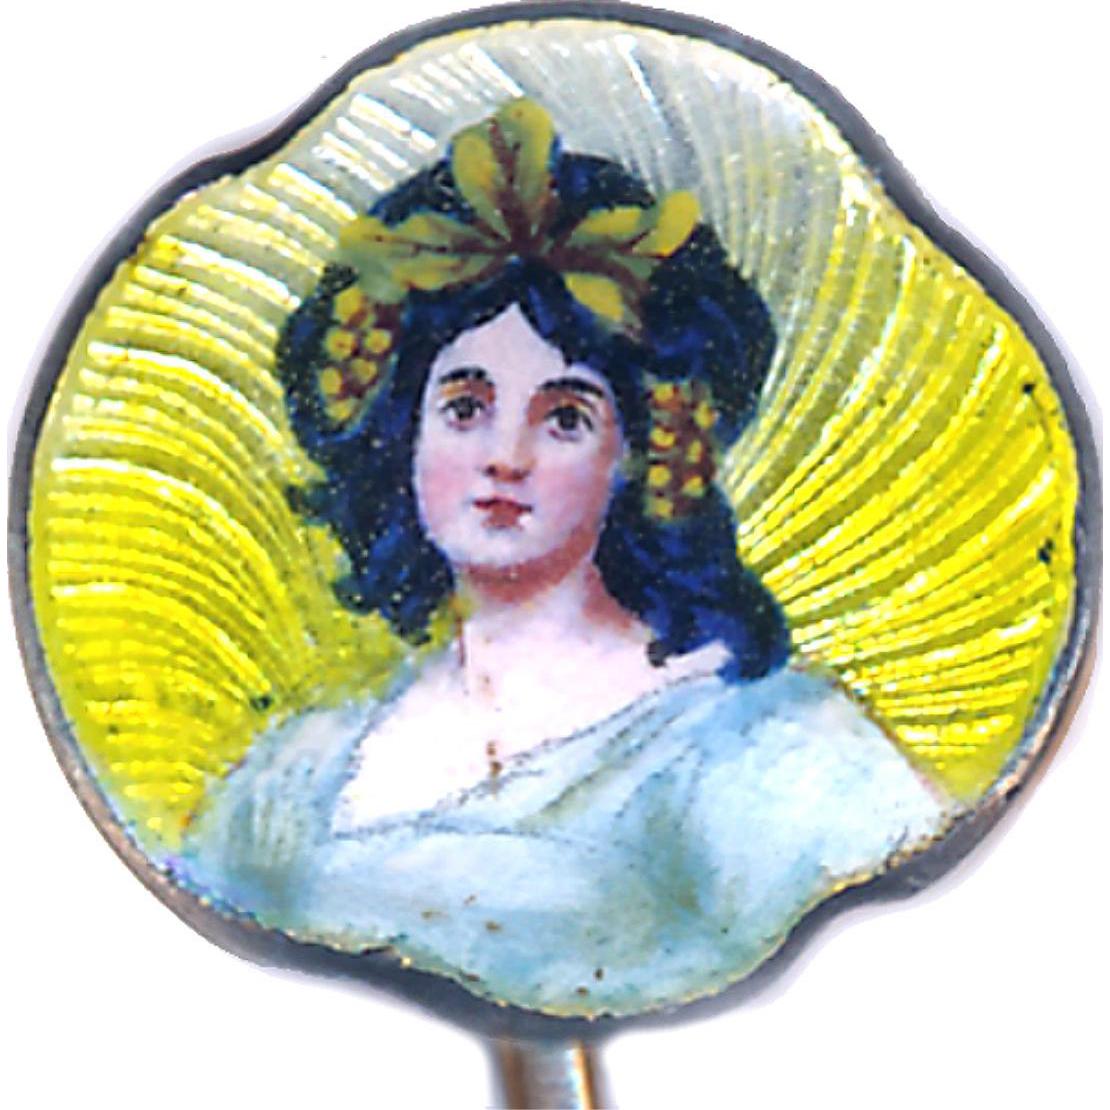 Stick Pin--Early 20th C. Art Nouveau Enamel Lady on Low Karat Gold Pin